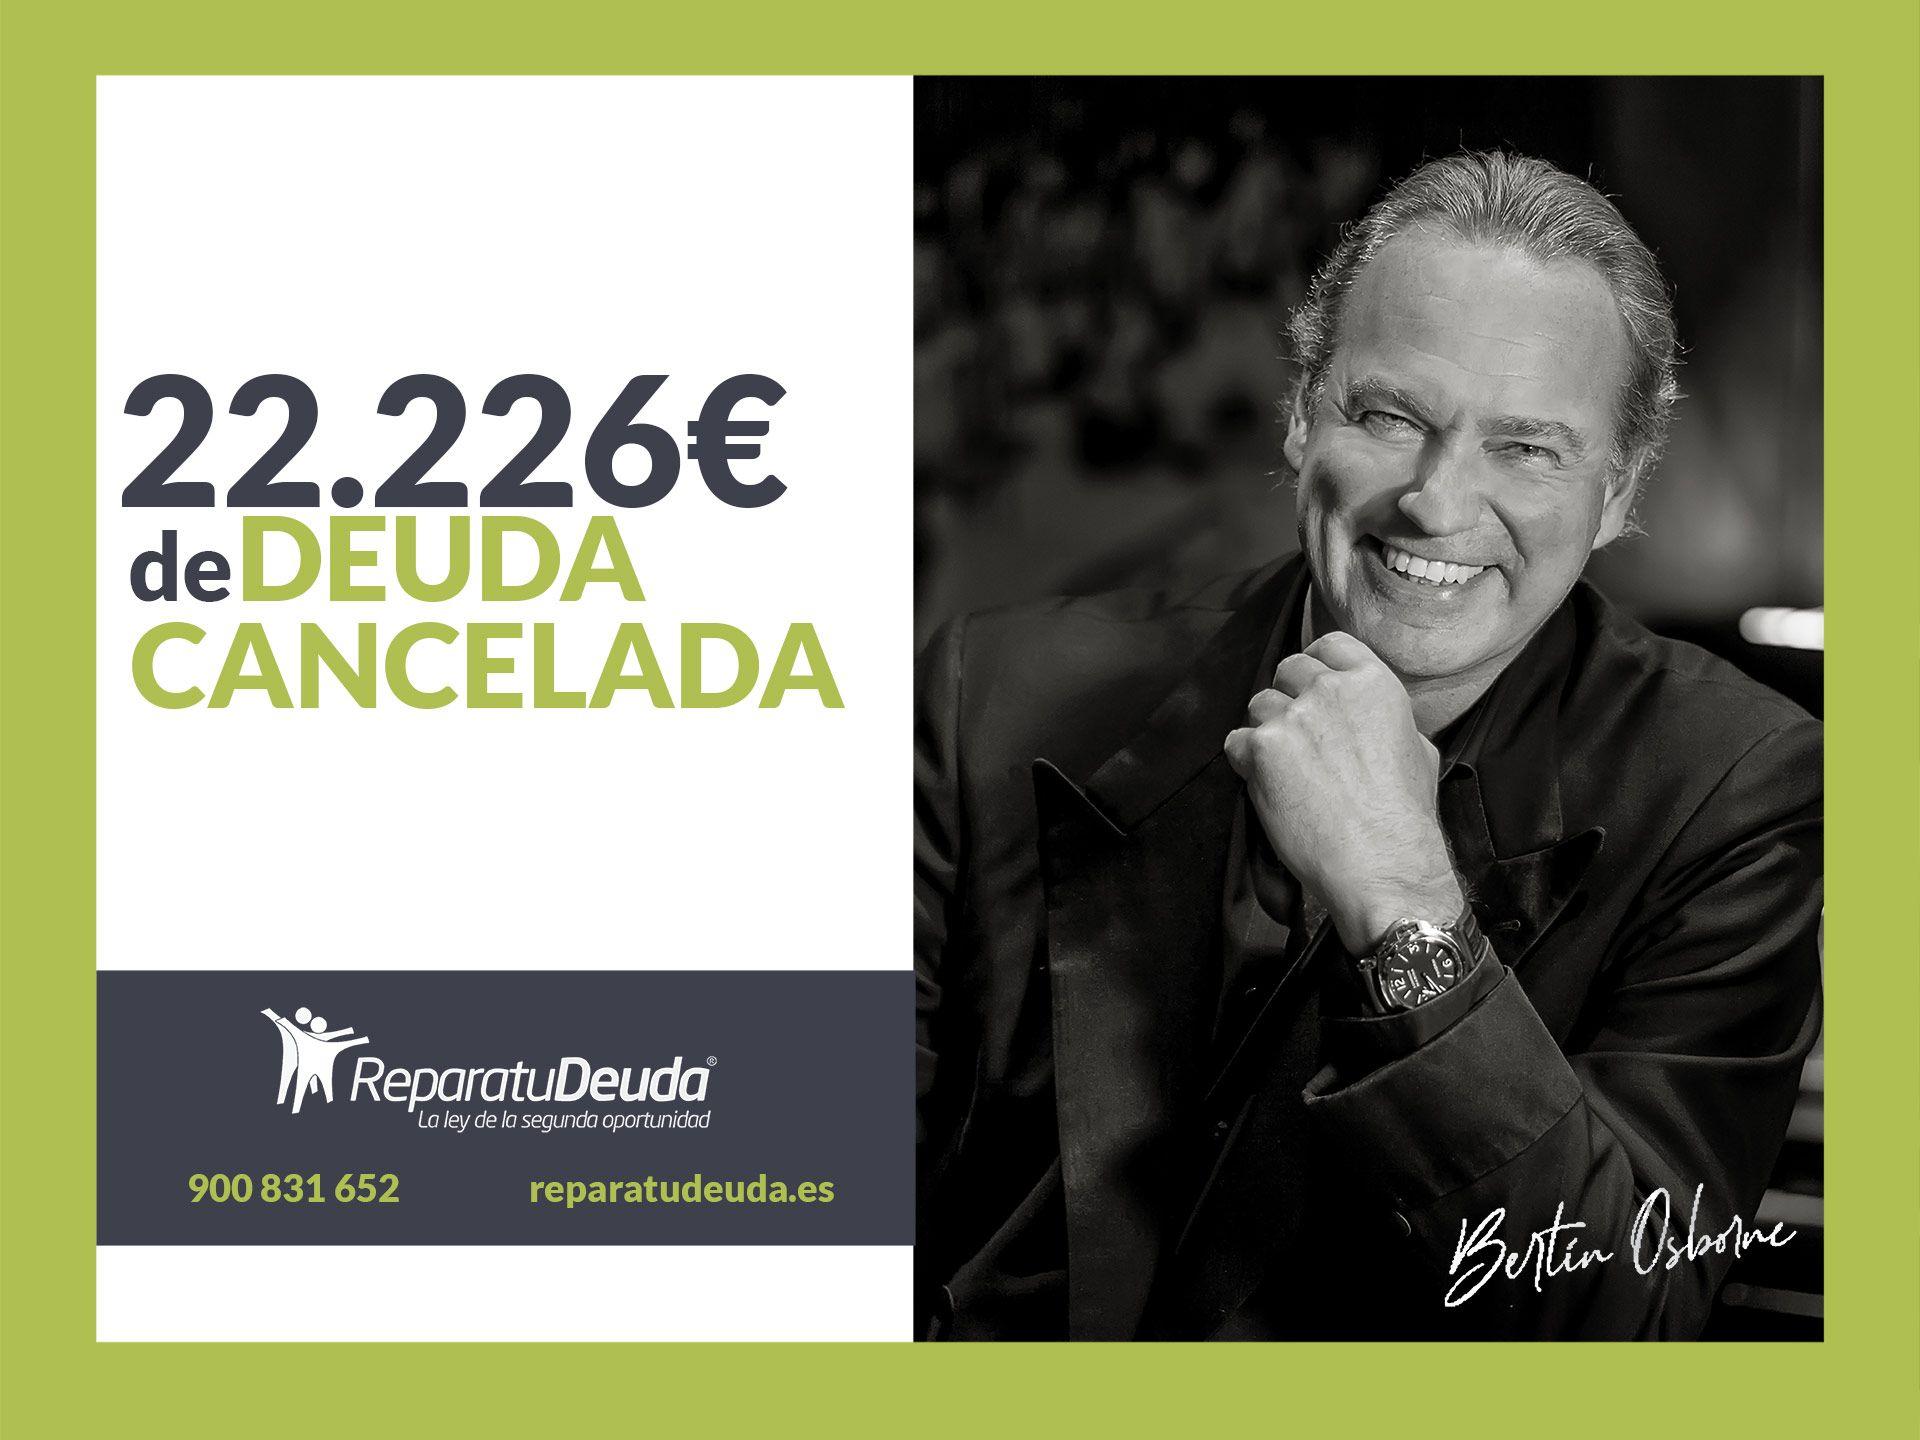 Repara tu Deuda cancela 22.226? en Bilbao (Bizkaia) con la Ley de la Segunda Oportunidad